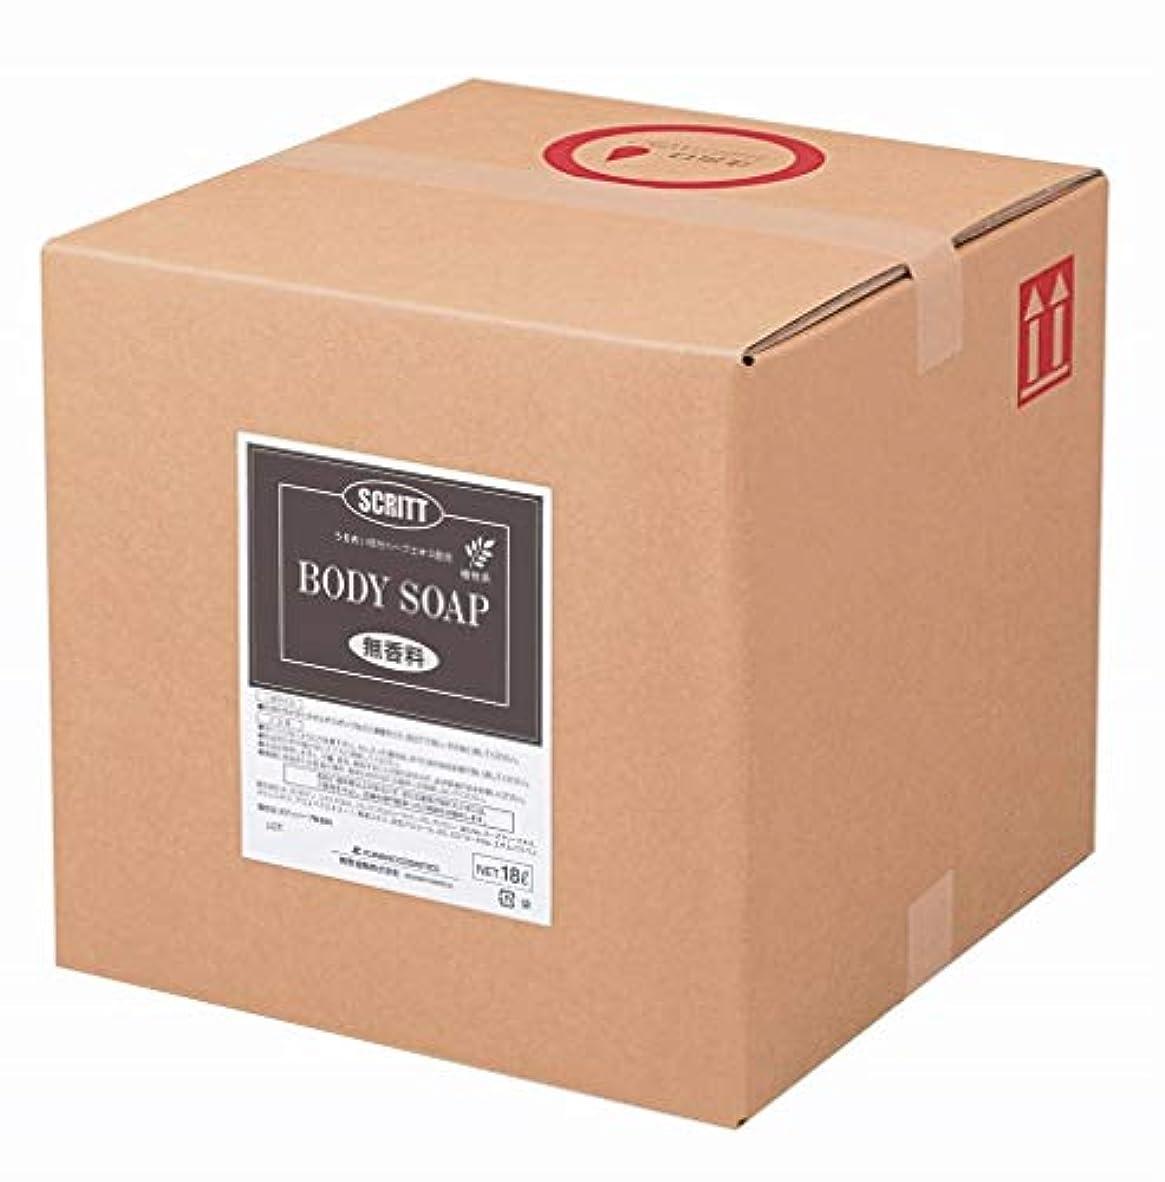 立方体透けて見える突進業務用 SCRITT(スクリット)無香料ボディソープ 18L 熊野油脂 (コック付き)